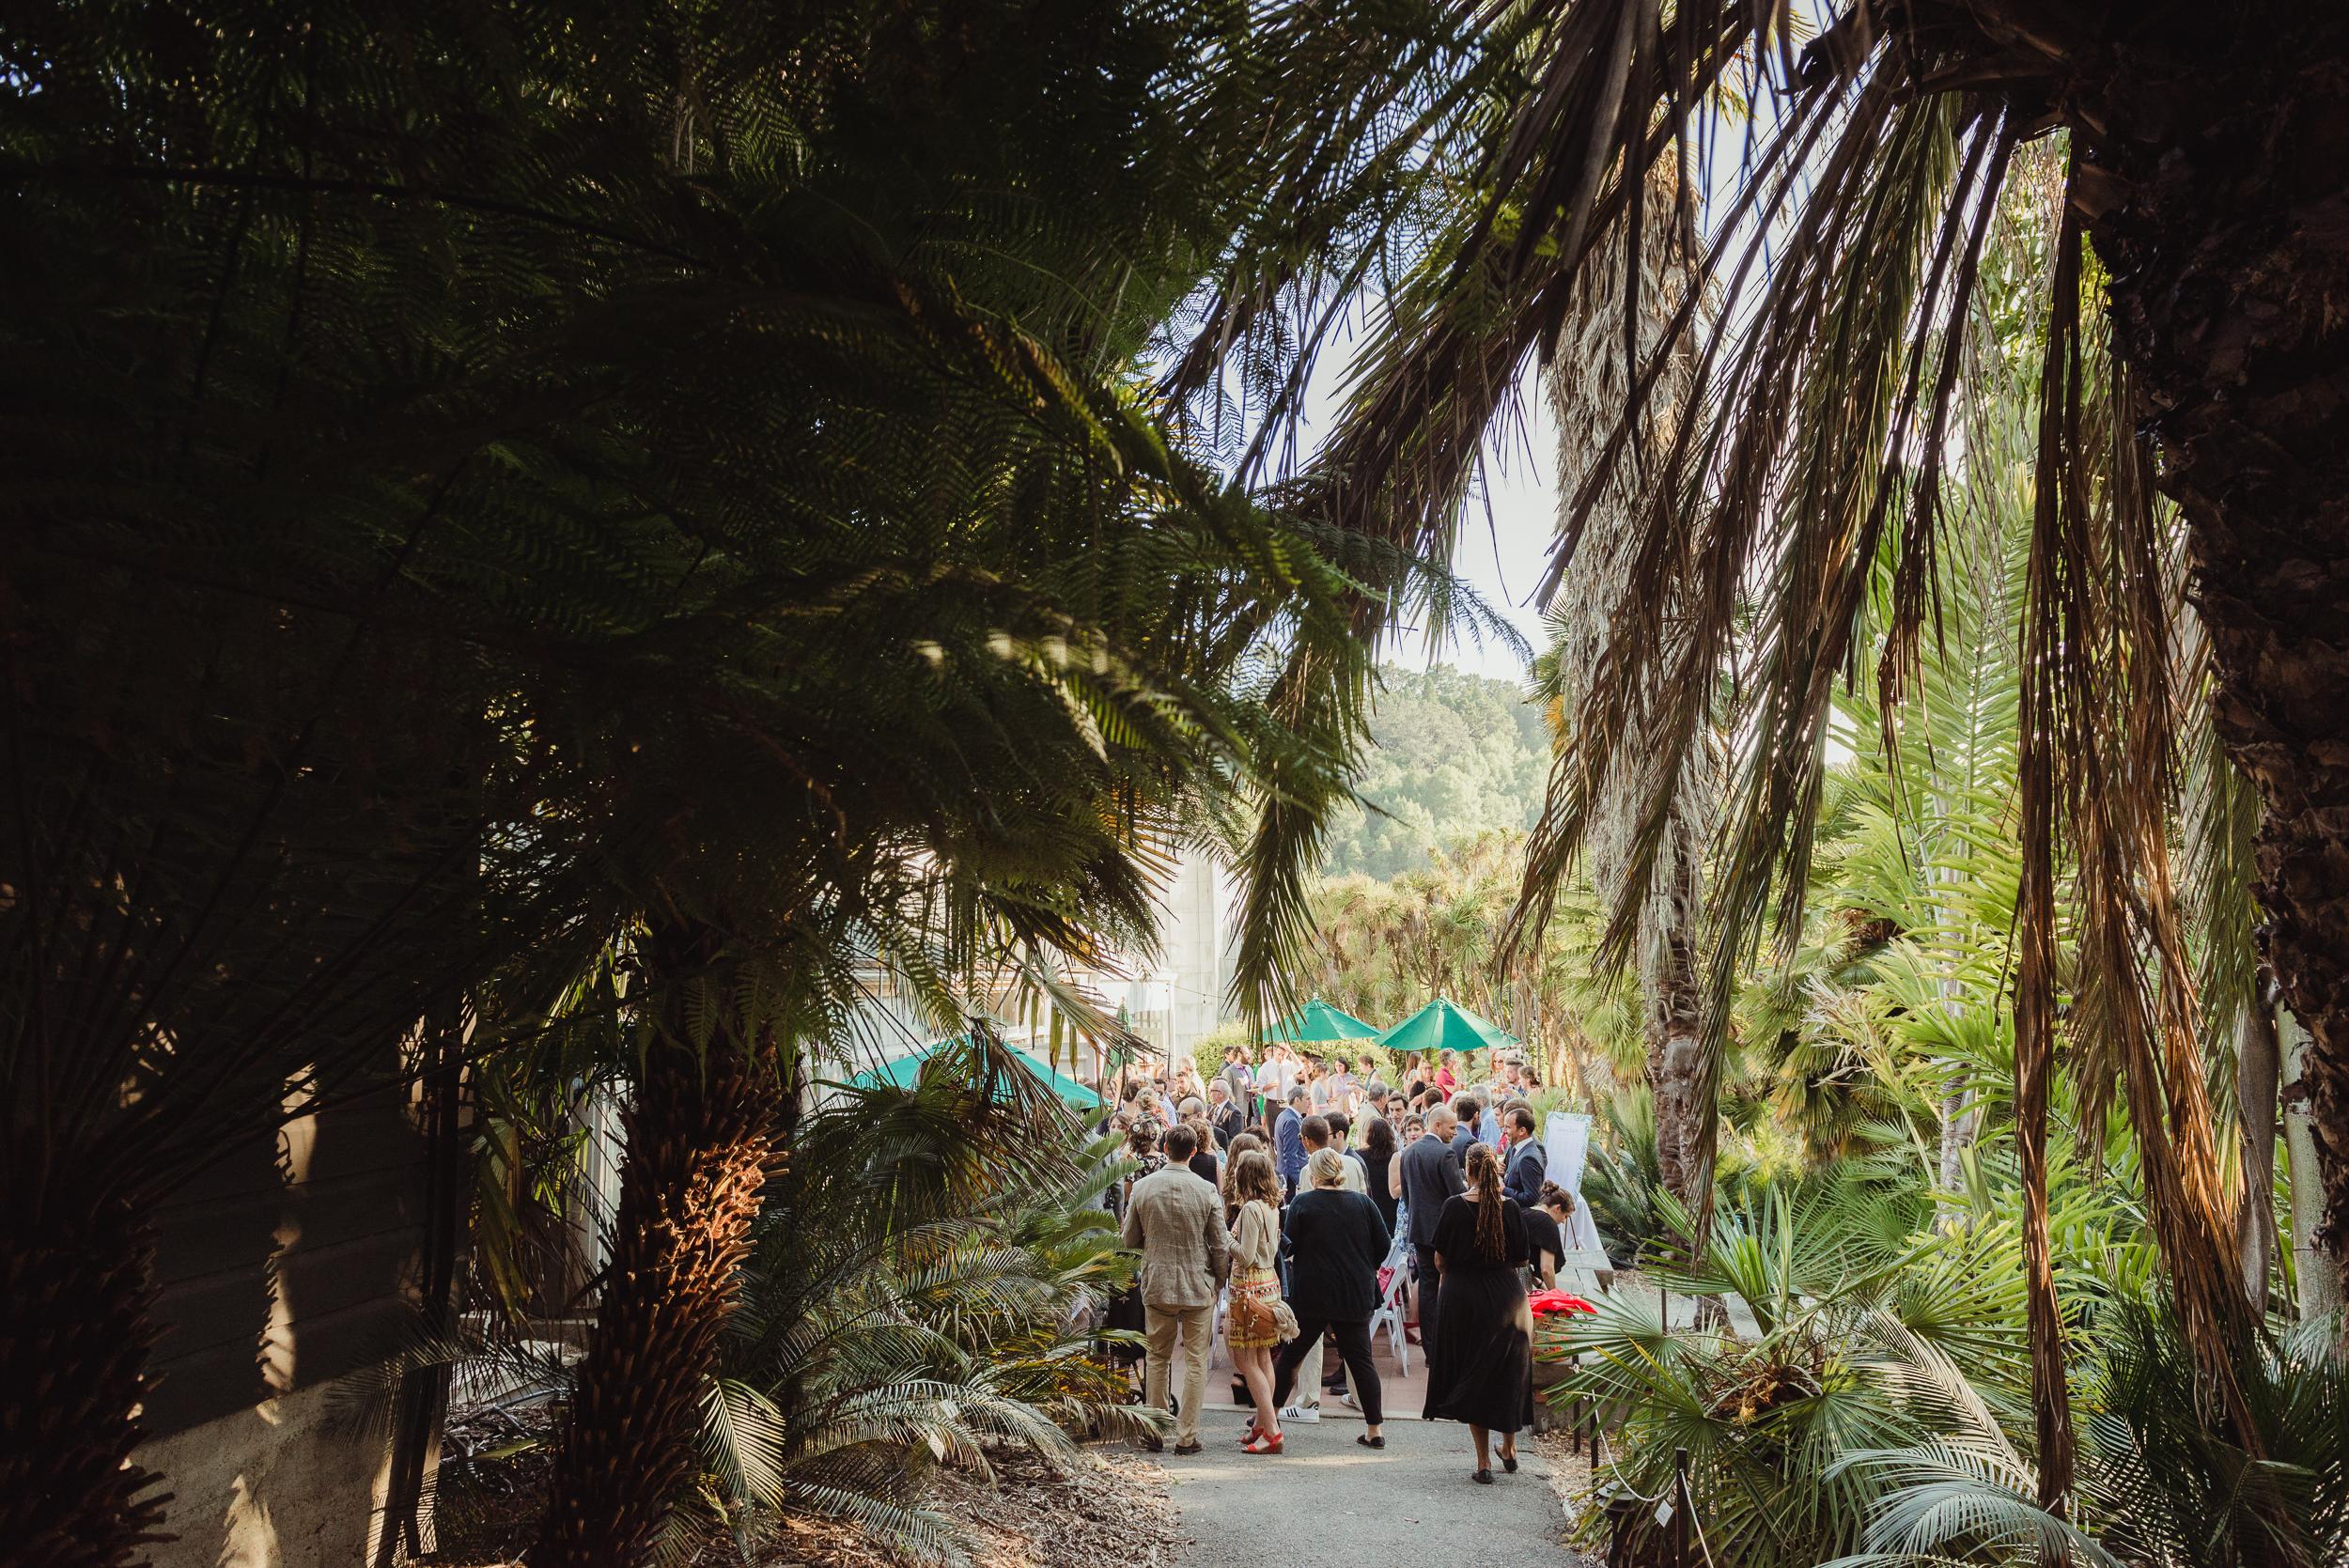 lgbtq-uc-berkeley-botanical-garden-wedding-vivianchen-057.jpg